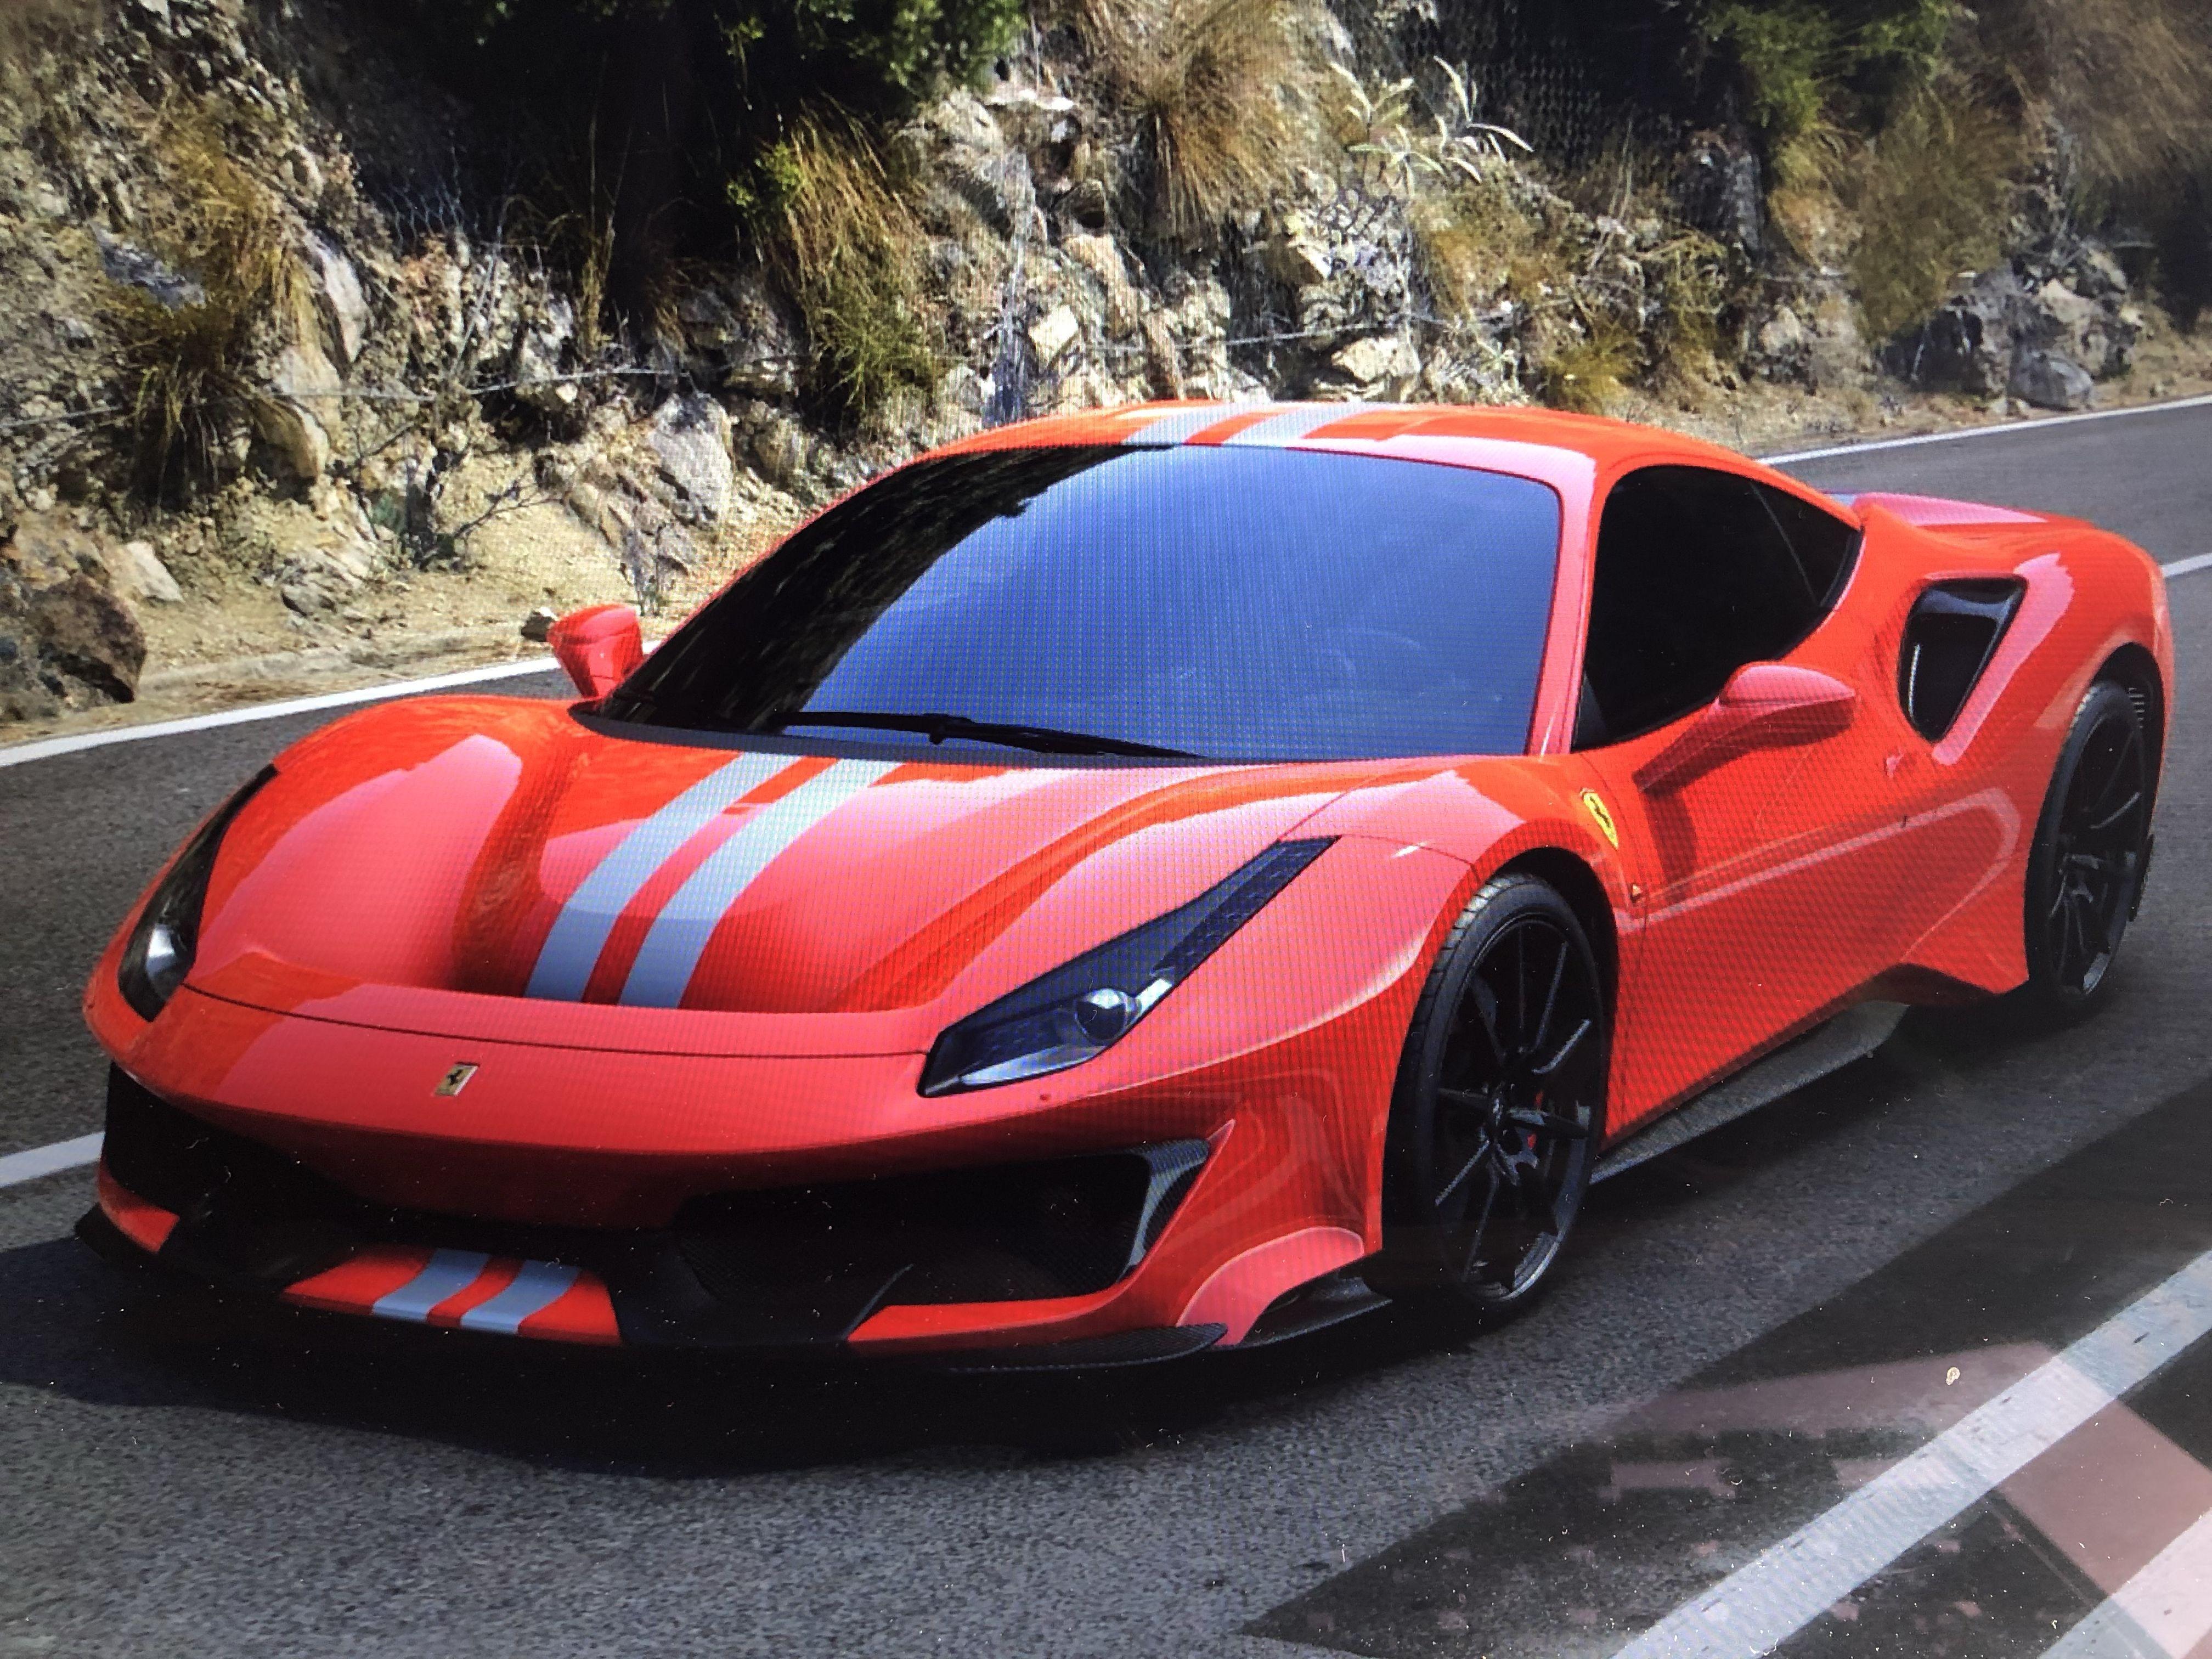 488 Pista Super Cars Cars Dream Cars